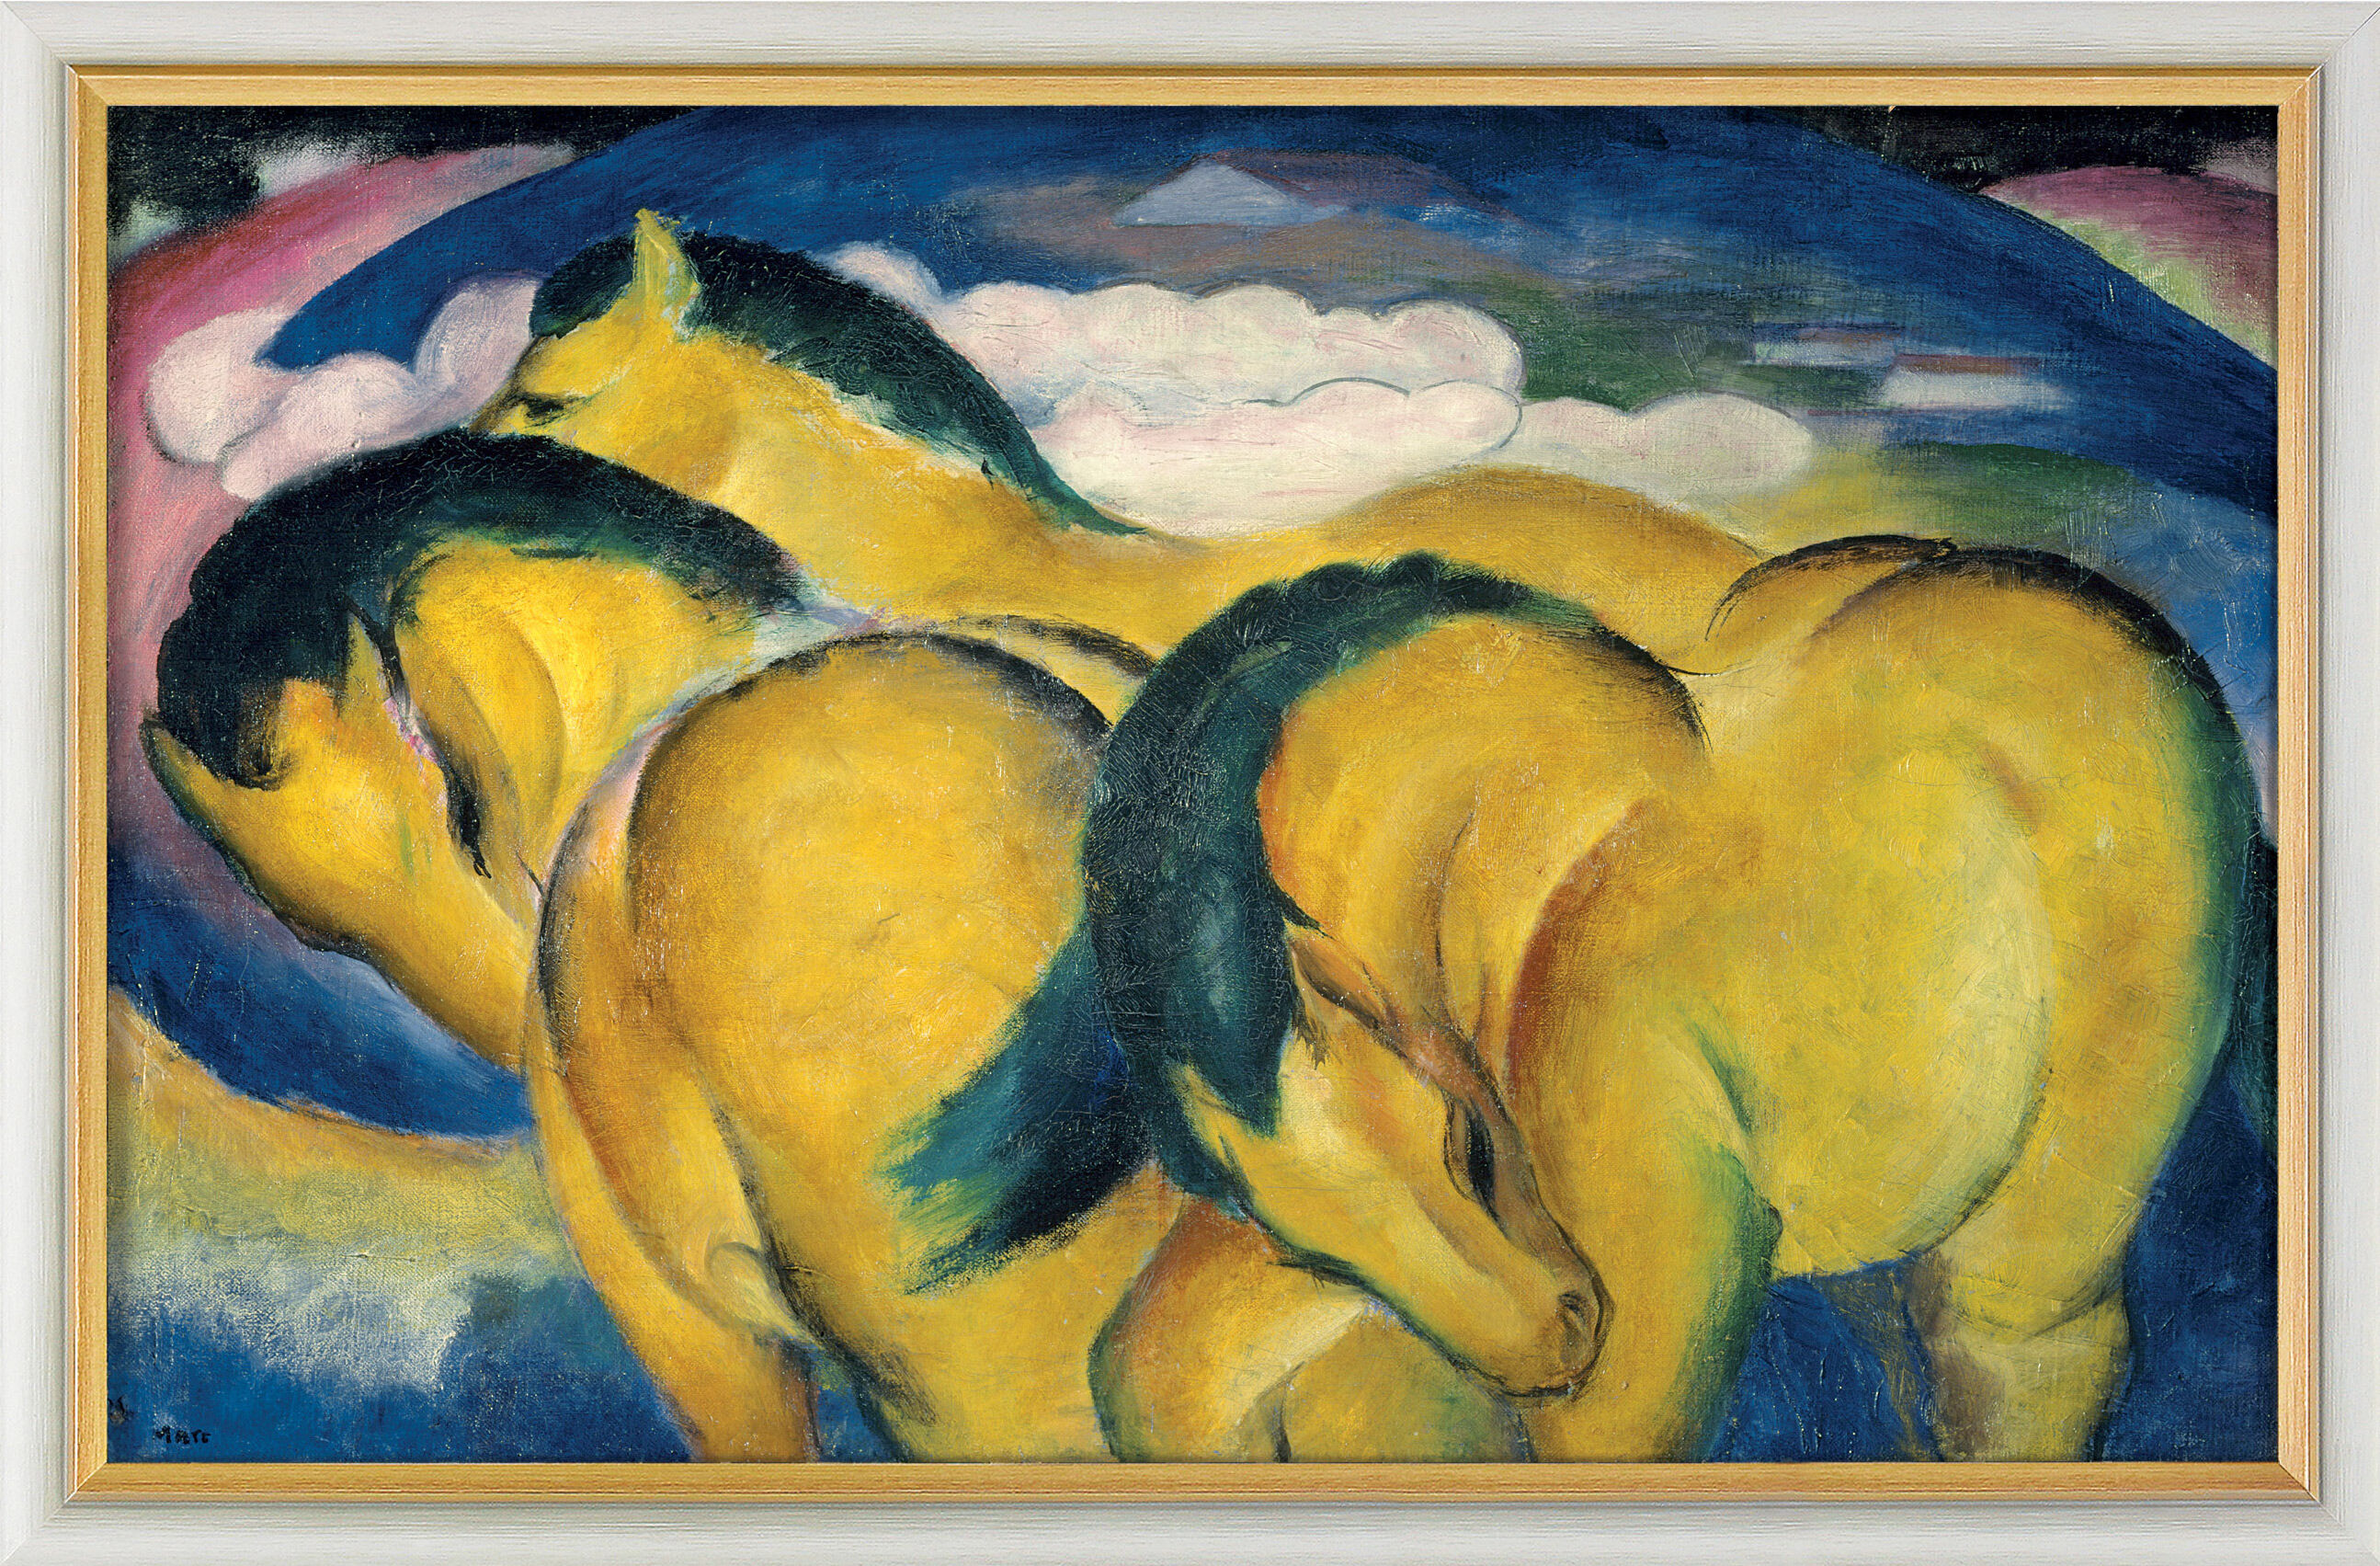 franz marc bild die kleinen gelben pferde 1912 gerahmt ars mundi. Black Bedroom Furniture Sets. Home Design Ideas